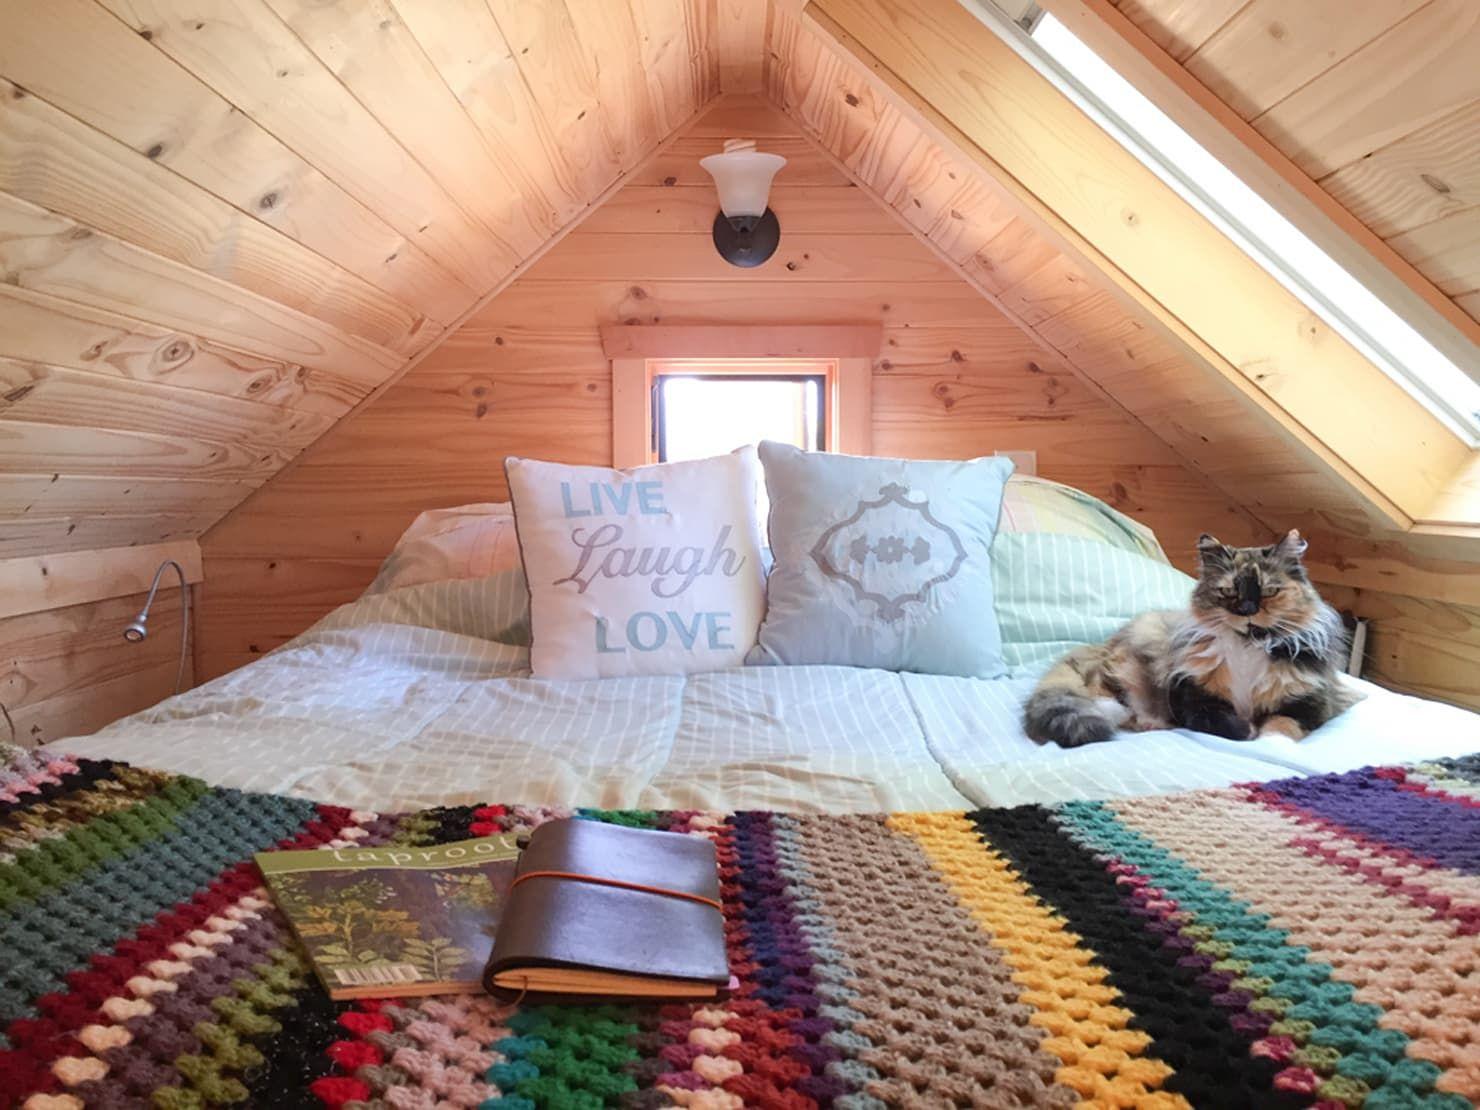 Aussergewohnliche Und Gemutliche Schlafnischen Homify In 2020 Dachboden Dachboden Schlafzimmer Ideen Schlafboden